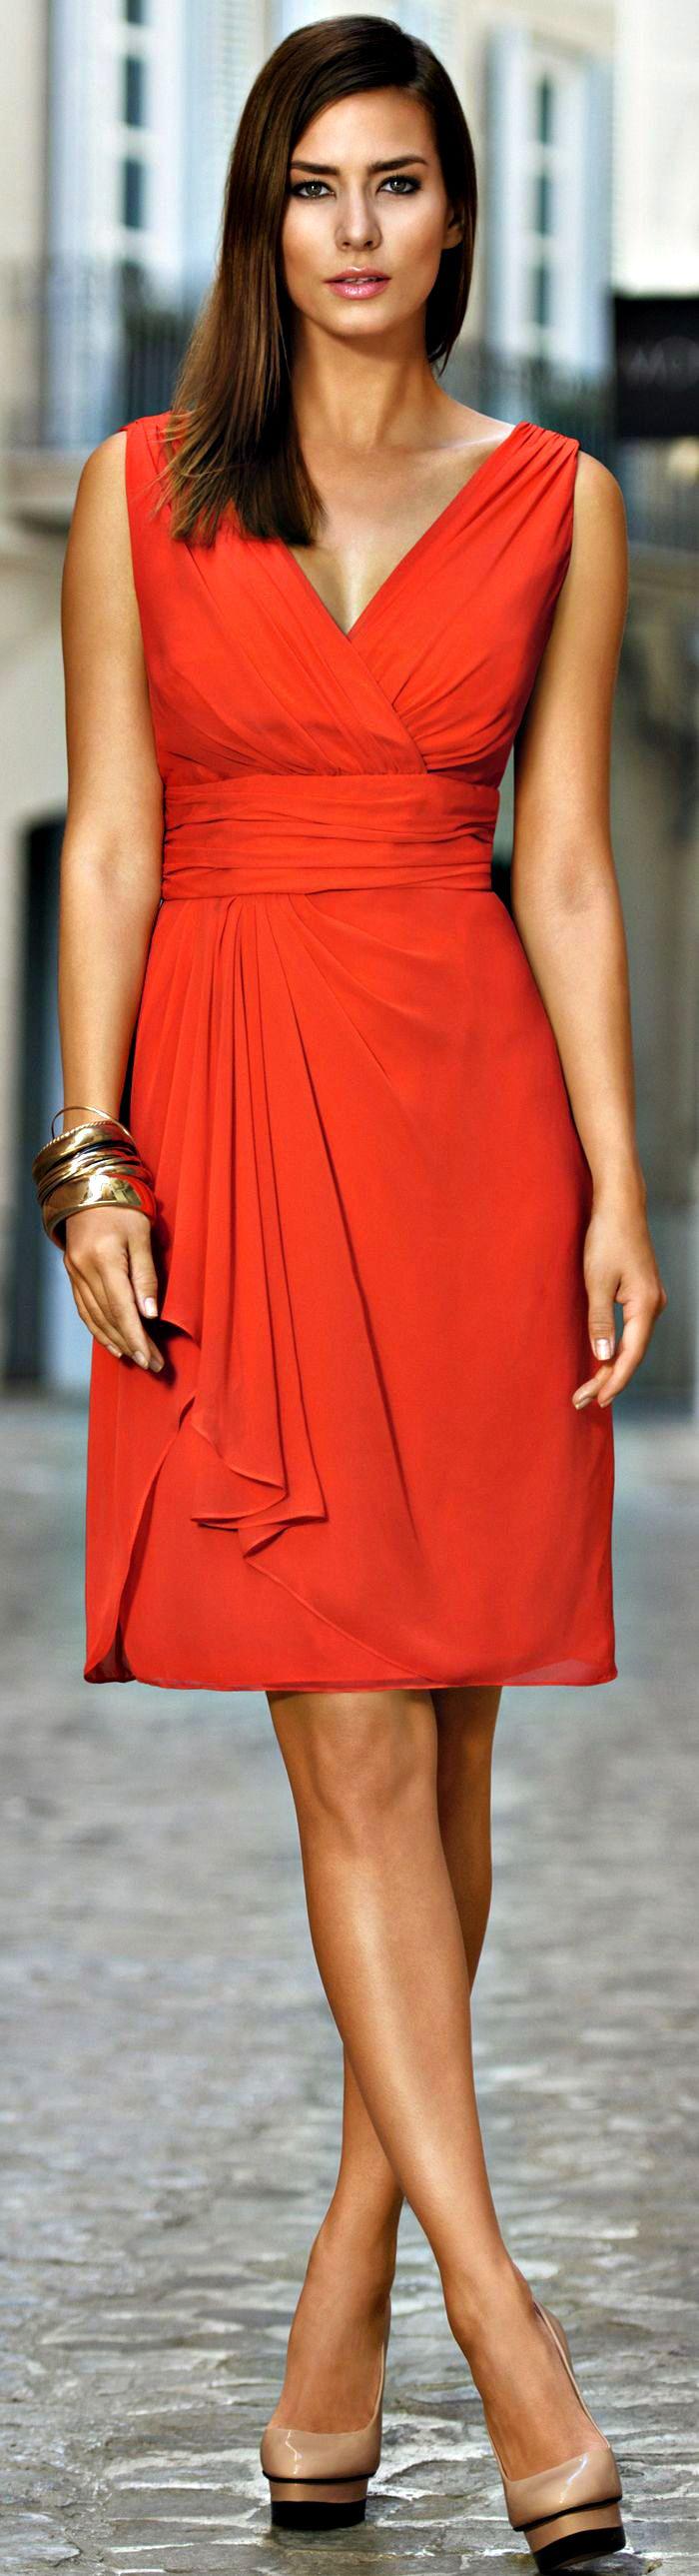 Evening dress dress code disney